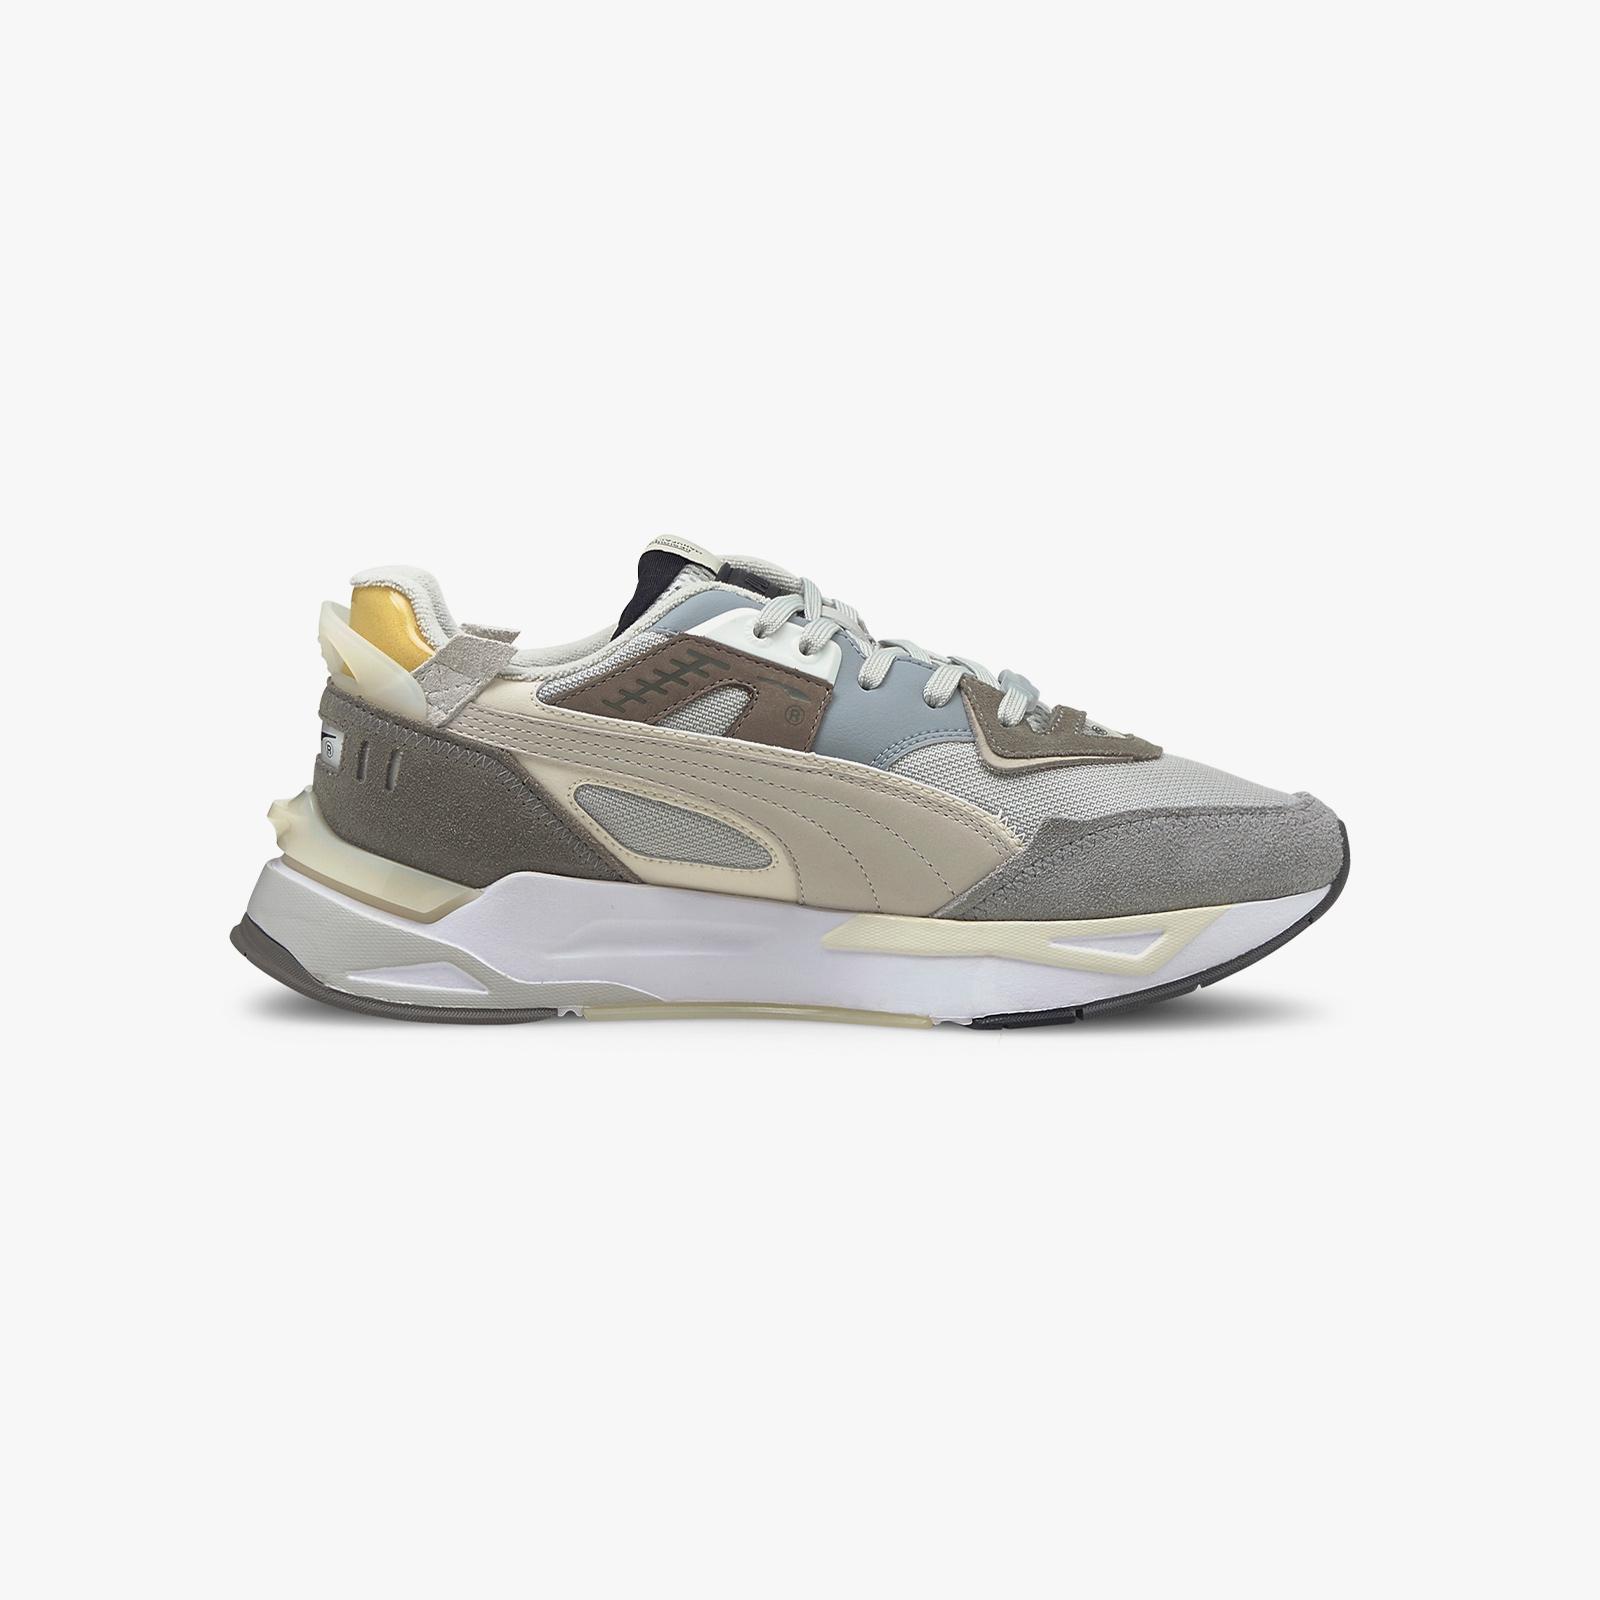 Puma Mirage Sport - 380696-01 - SNS | sneakers & streetwear online ...